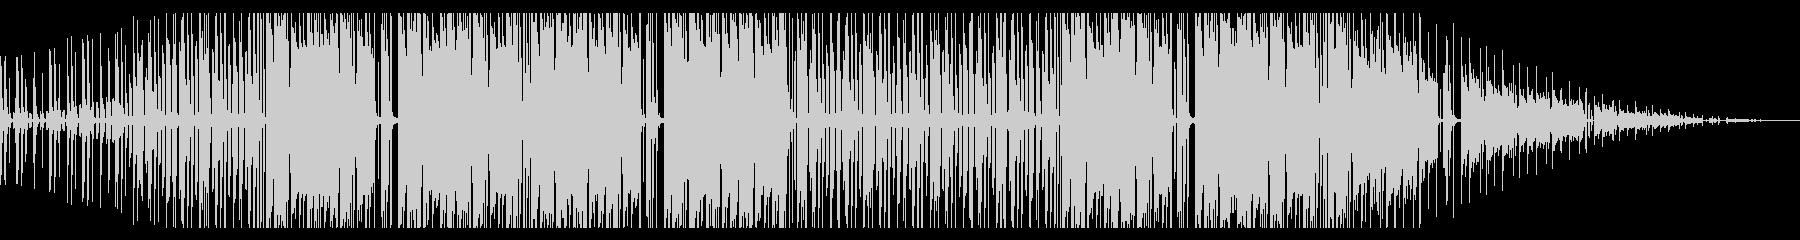 睡魔。ローファイヒップホップ_2の未再生の波形